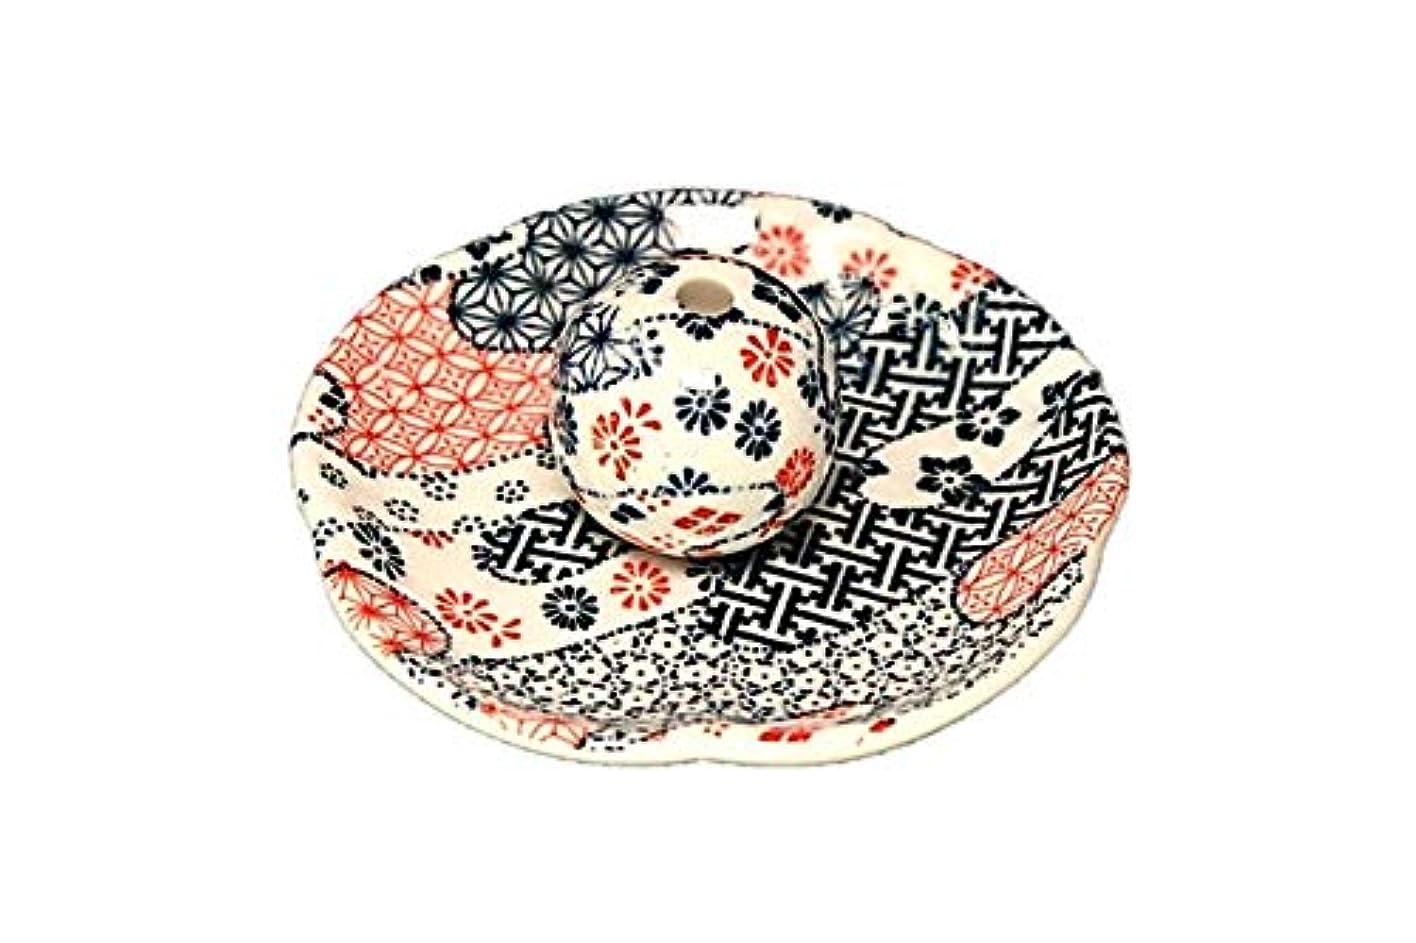 のホスト視聴者精神的に雲祥端 花形香皿 お香立て お香たて 日本製 ACSWEBSHOPオリジナル